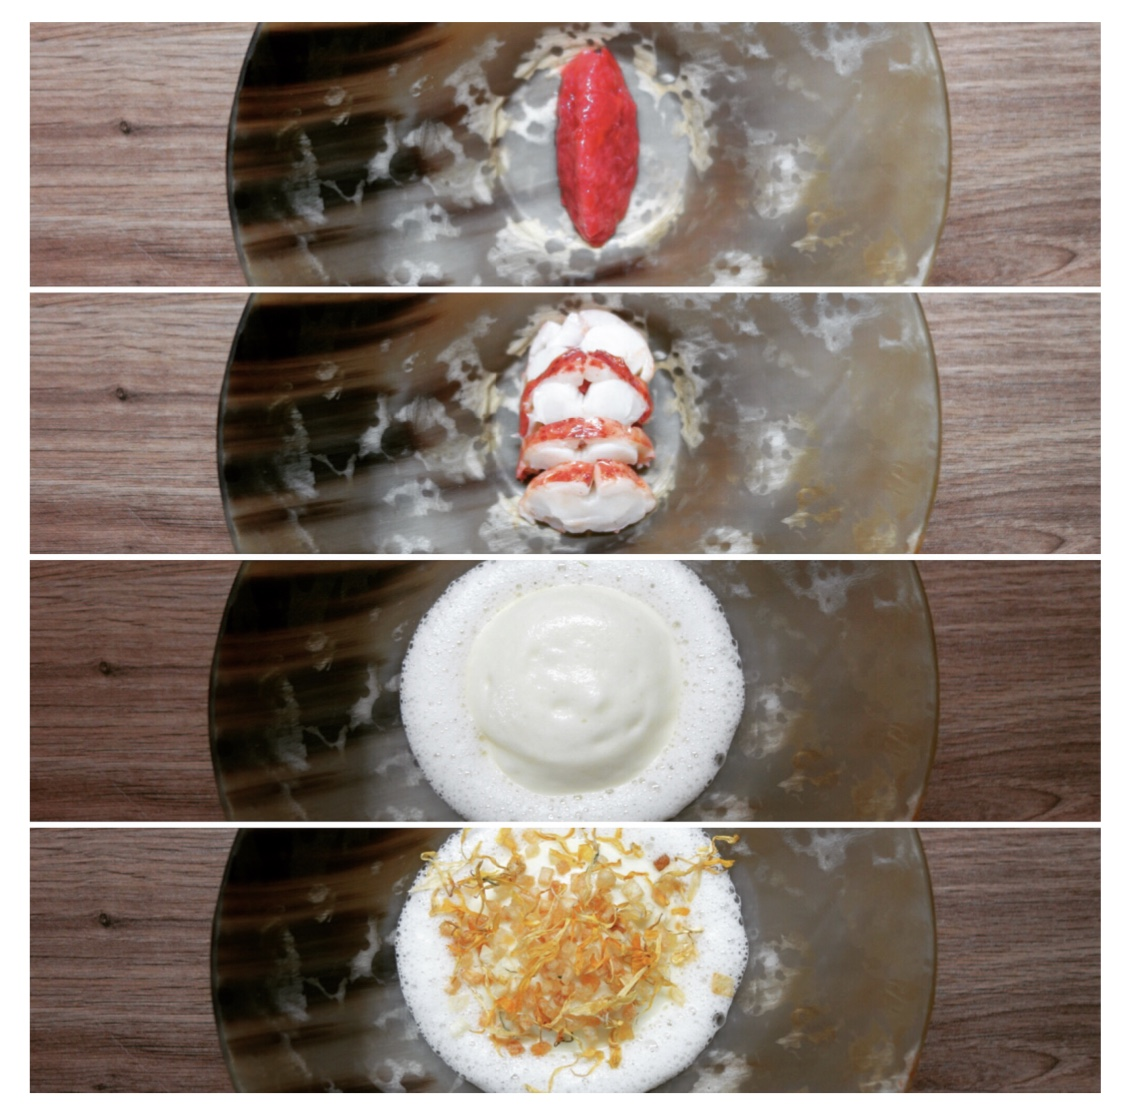 kreeft met luchtige aardappel Jos Grootscholten